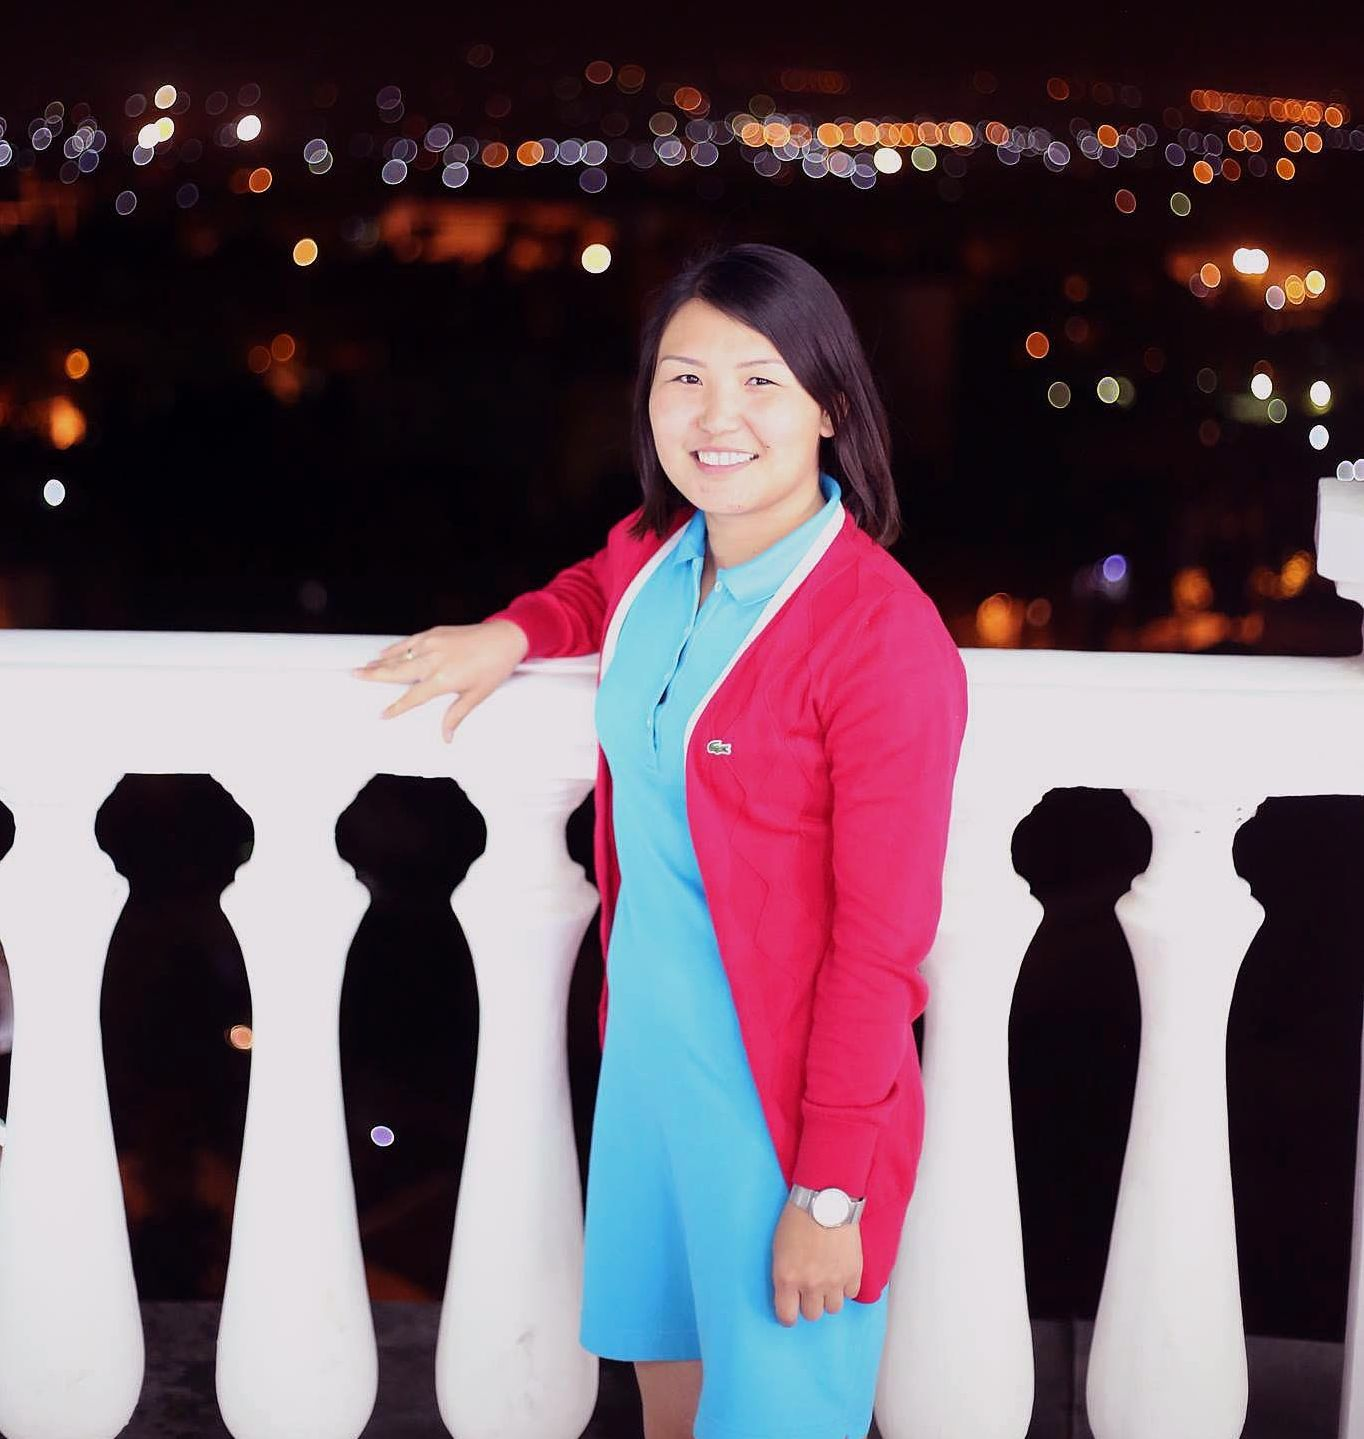 Кыргызстанка Жылдыз Осмонова, которая с помощью Интернета спасает людей